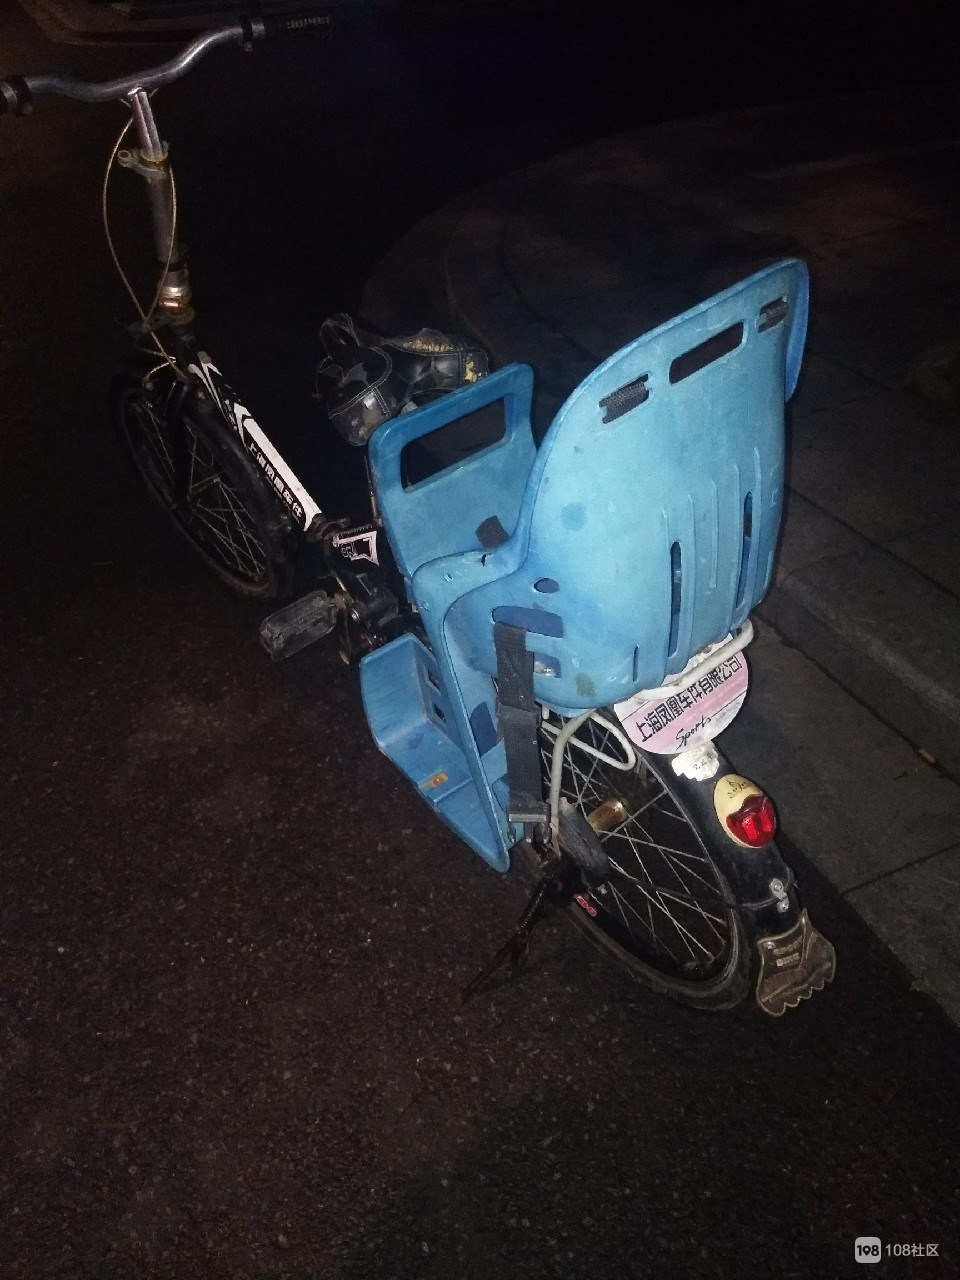 特别的缘分啊!被偷了一年的自行车竟失而复得